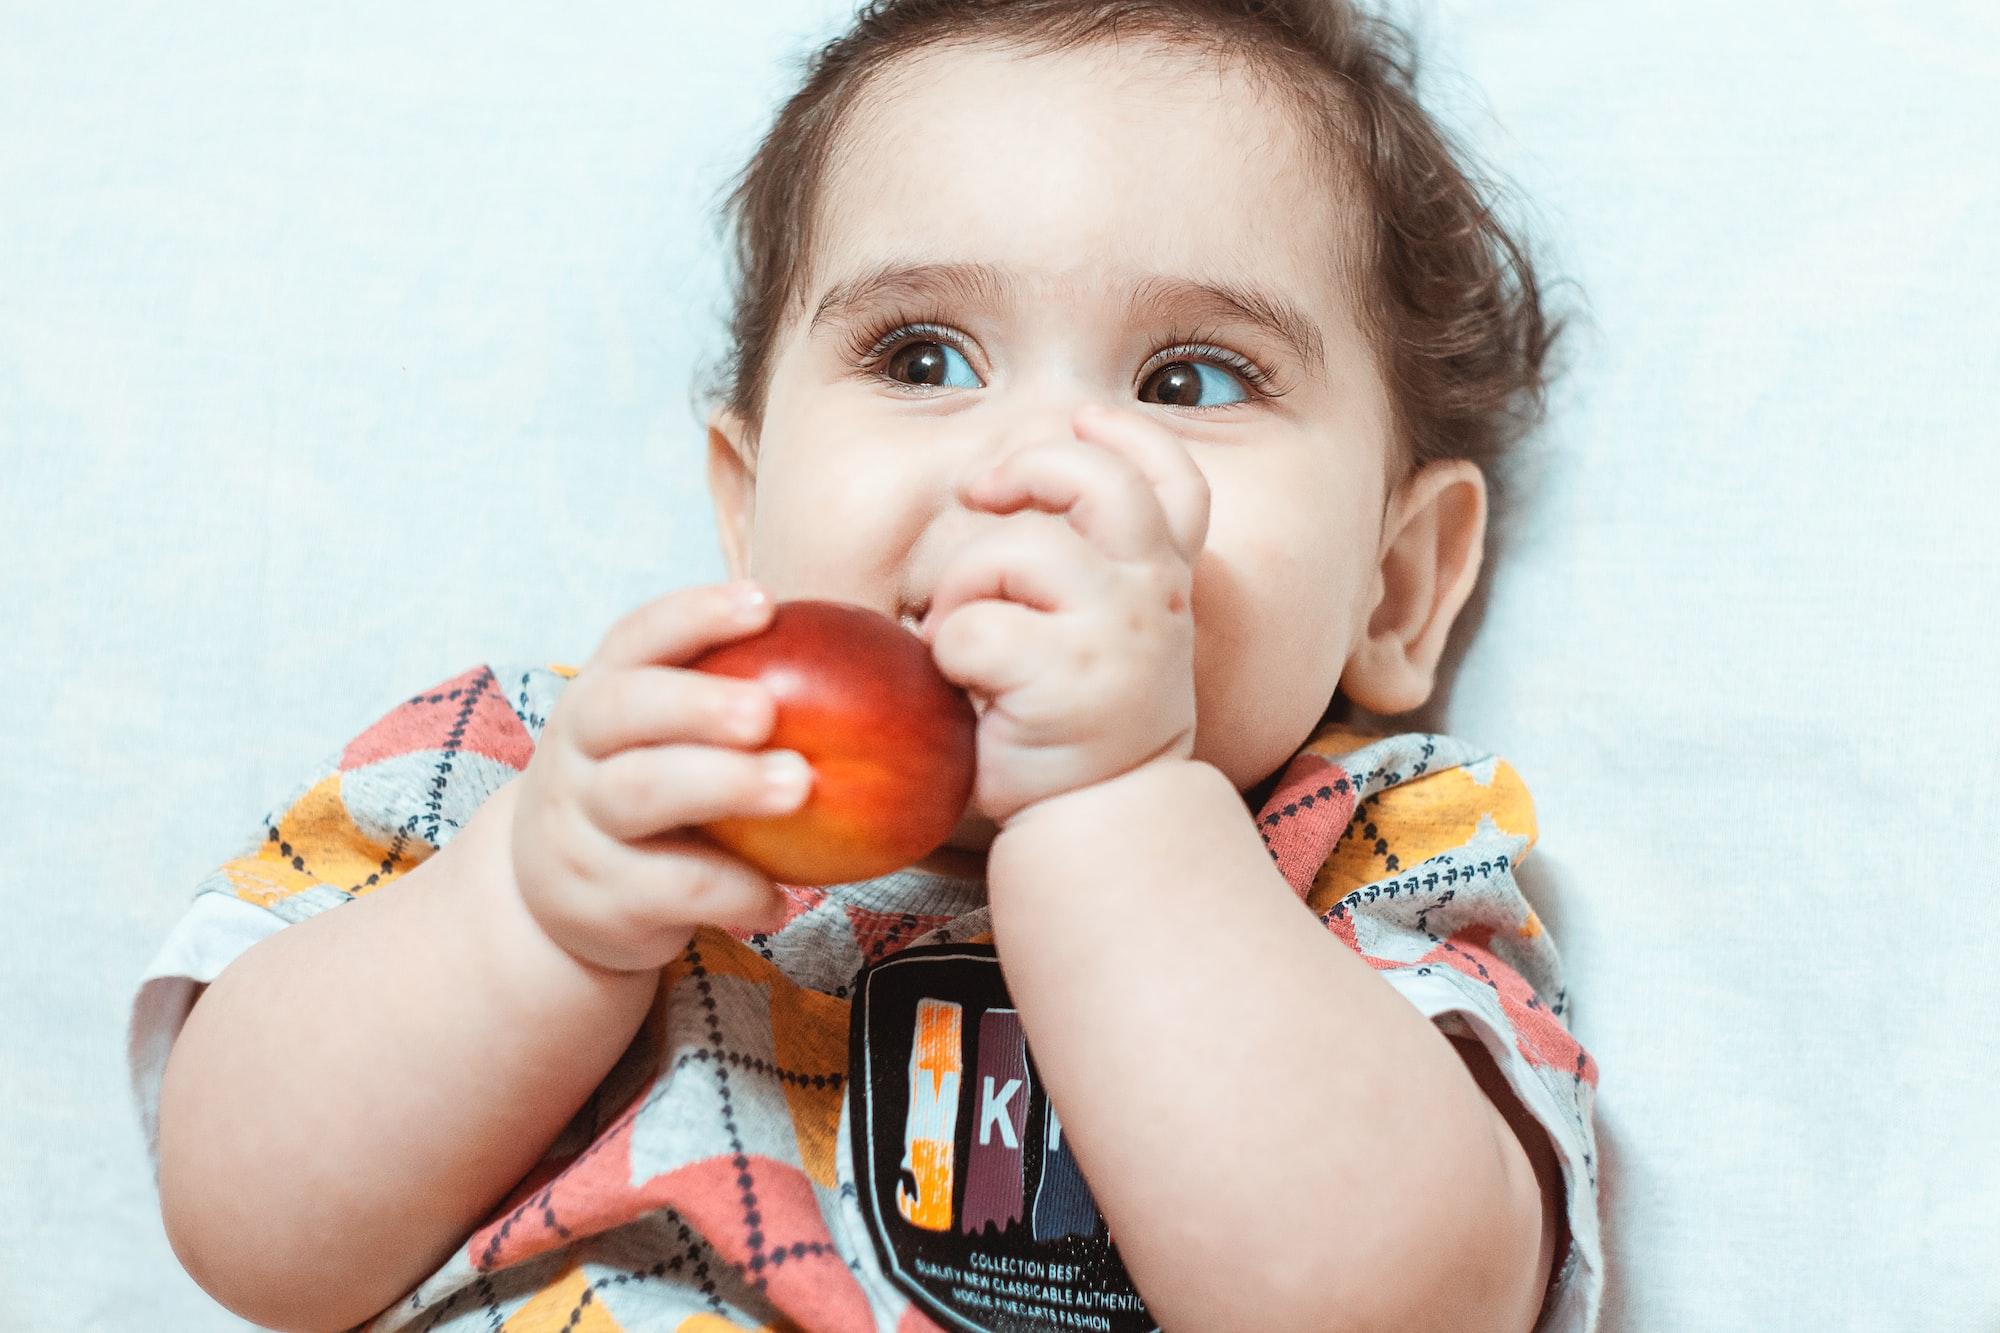 Article - La diversification alimentaire : de 11 à 24 mois